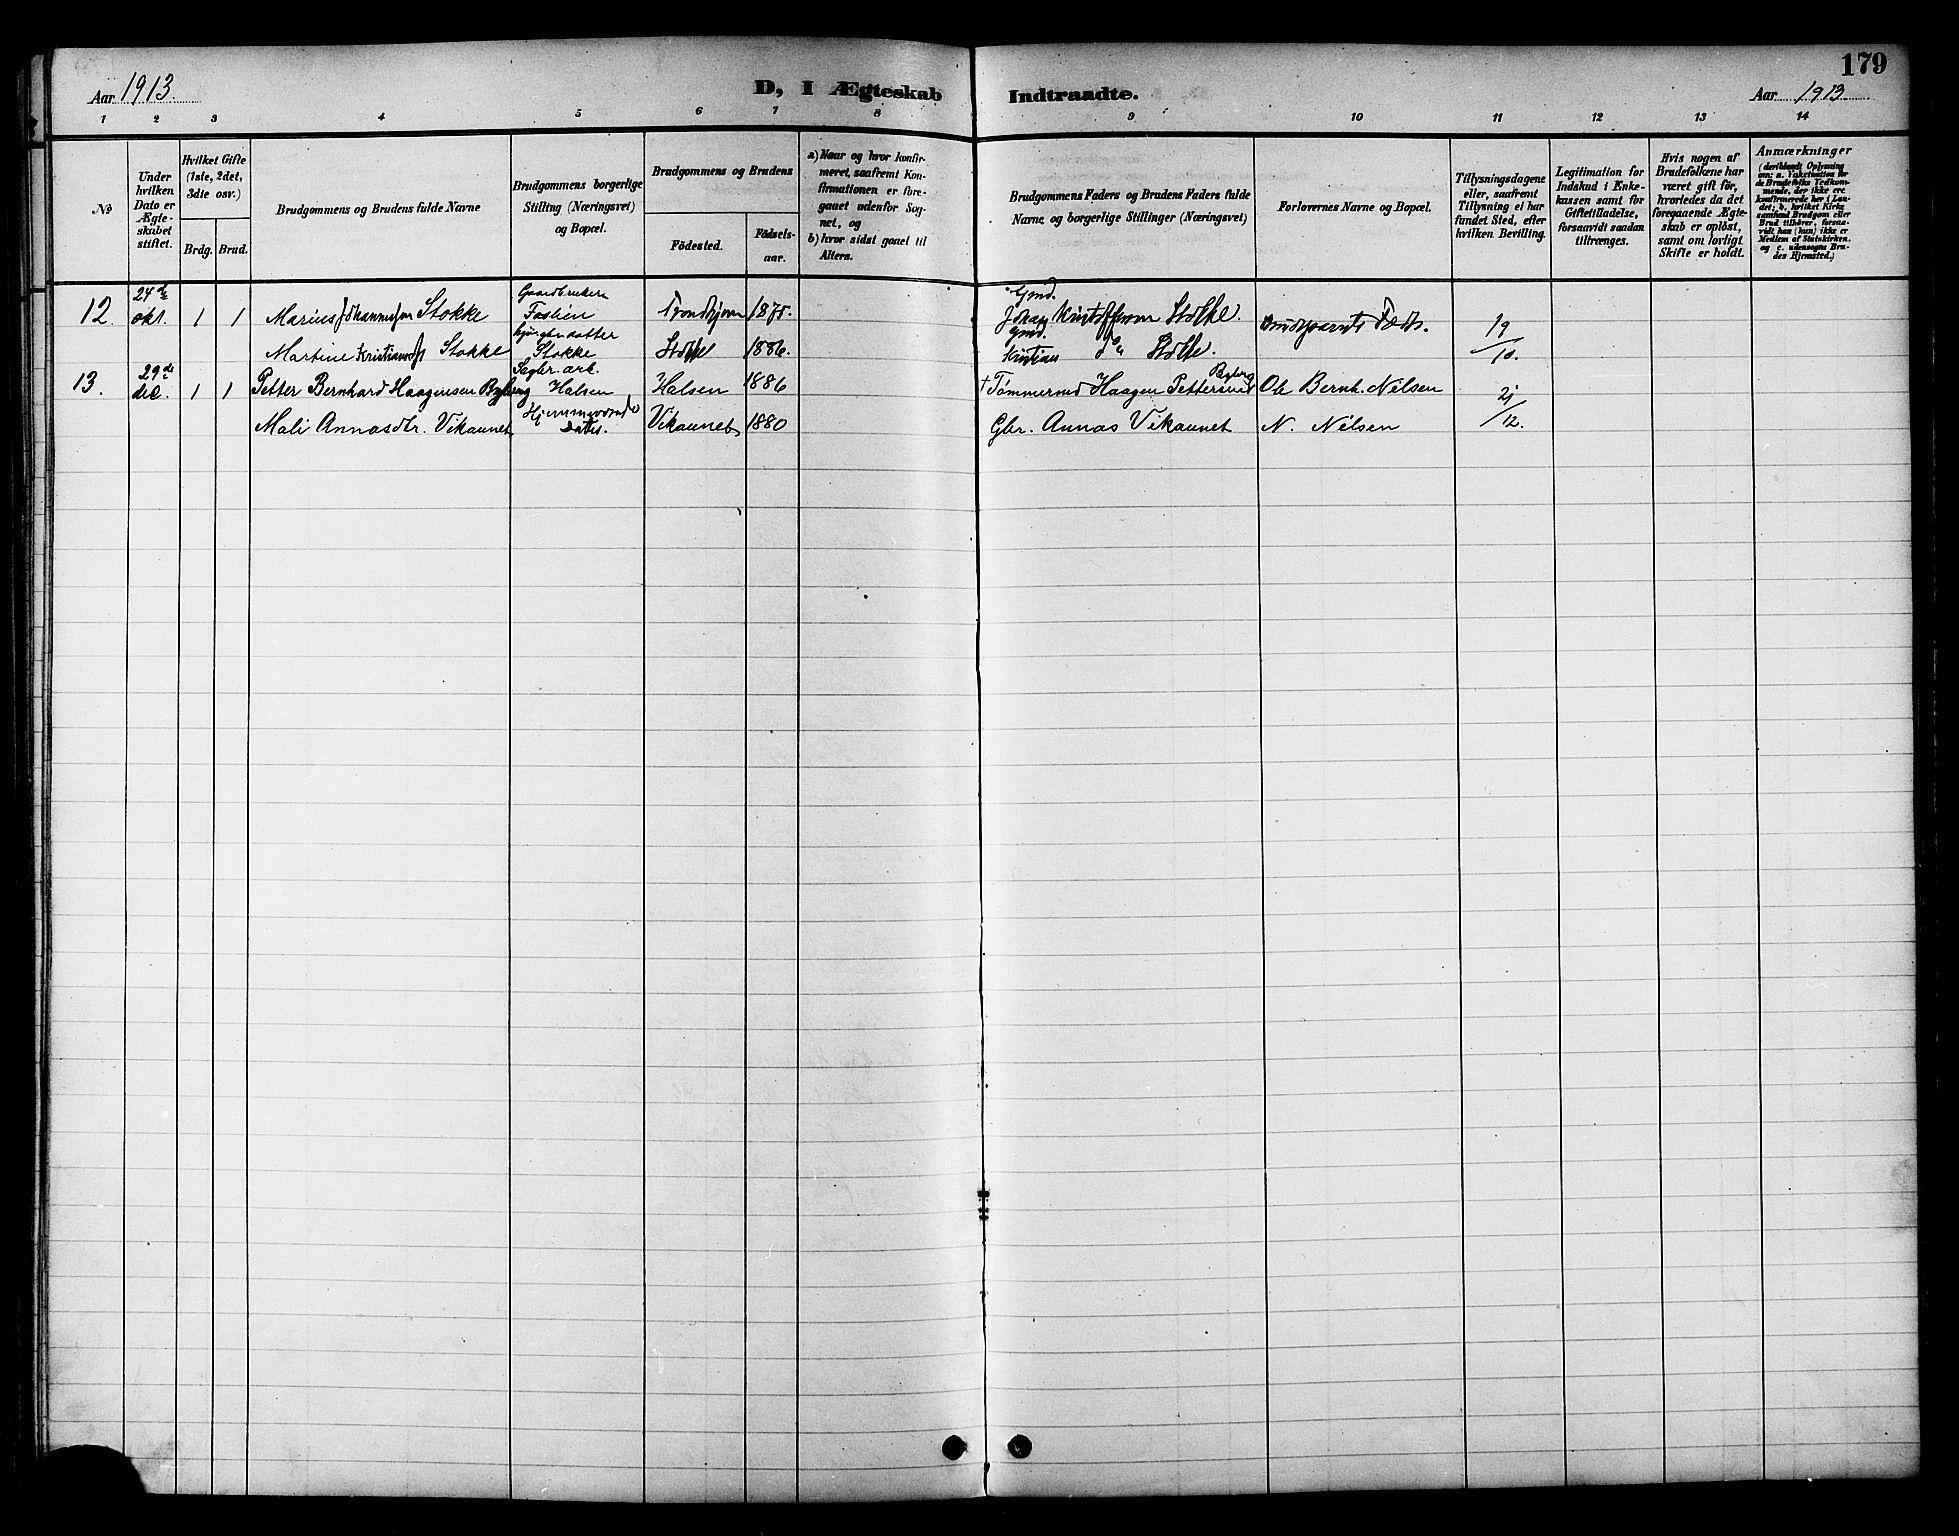 SAT, Ministerialprotokoller, klokkerbøker og fødselsregistre - Nord-Trøndelag, 709/L0087: Klokkerbok nr. 709C01, 1892-1913, s. 179